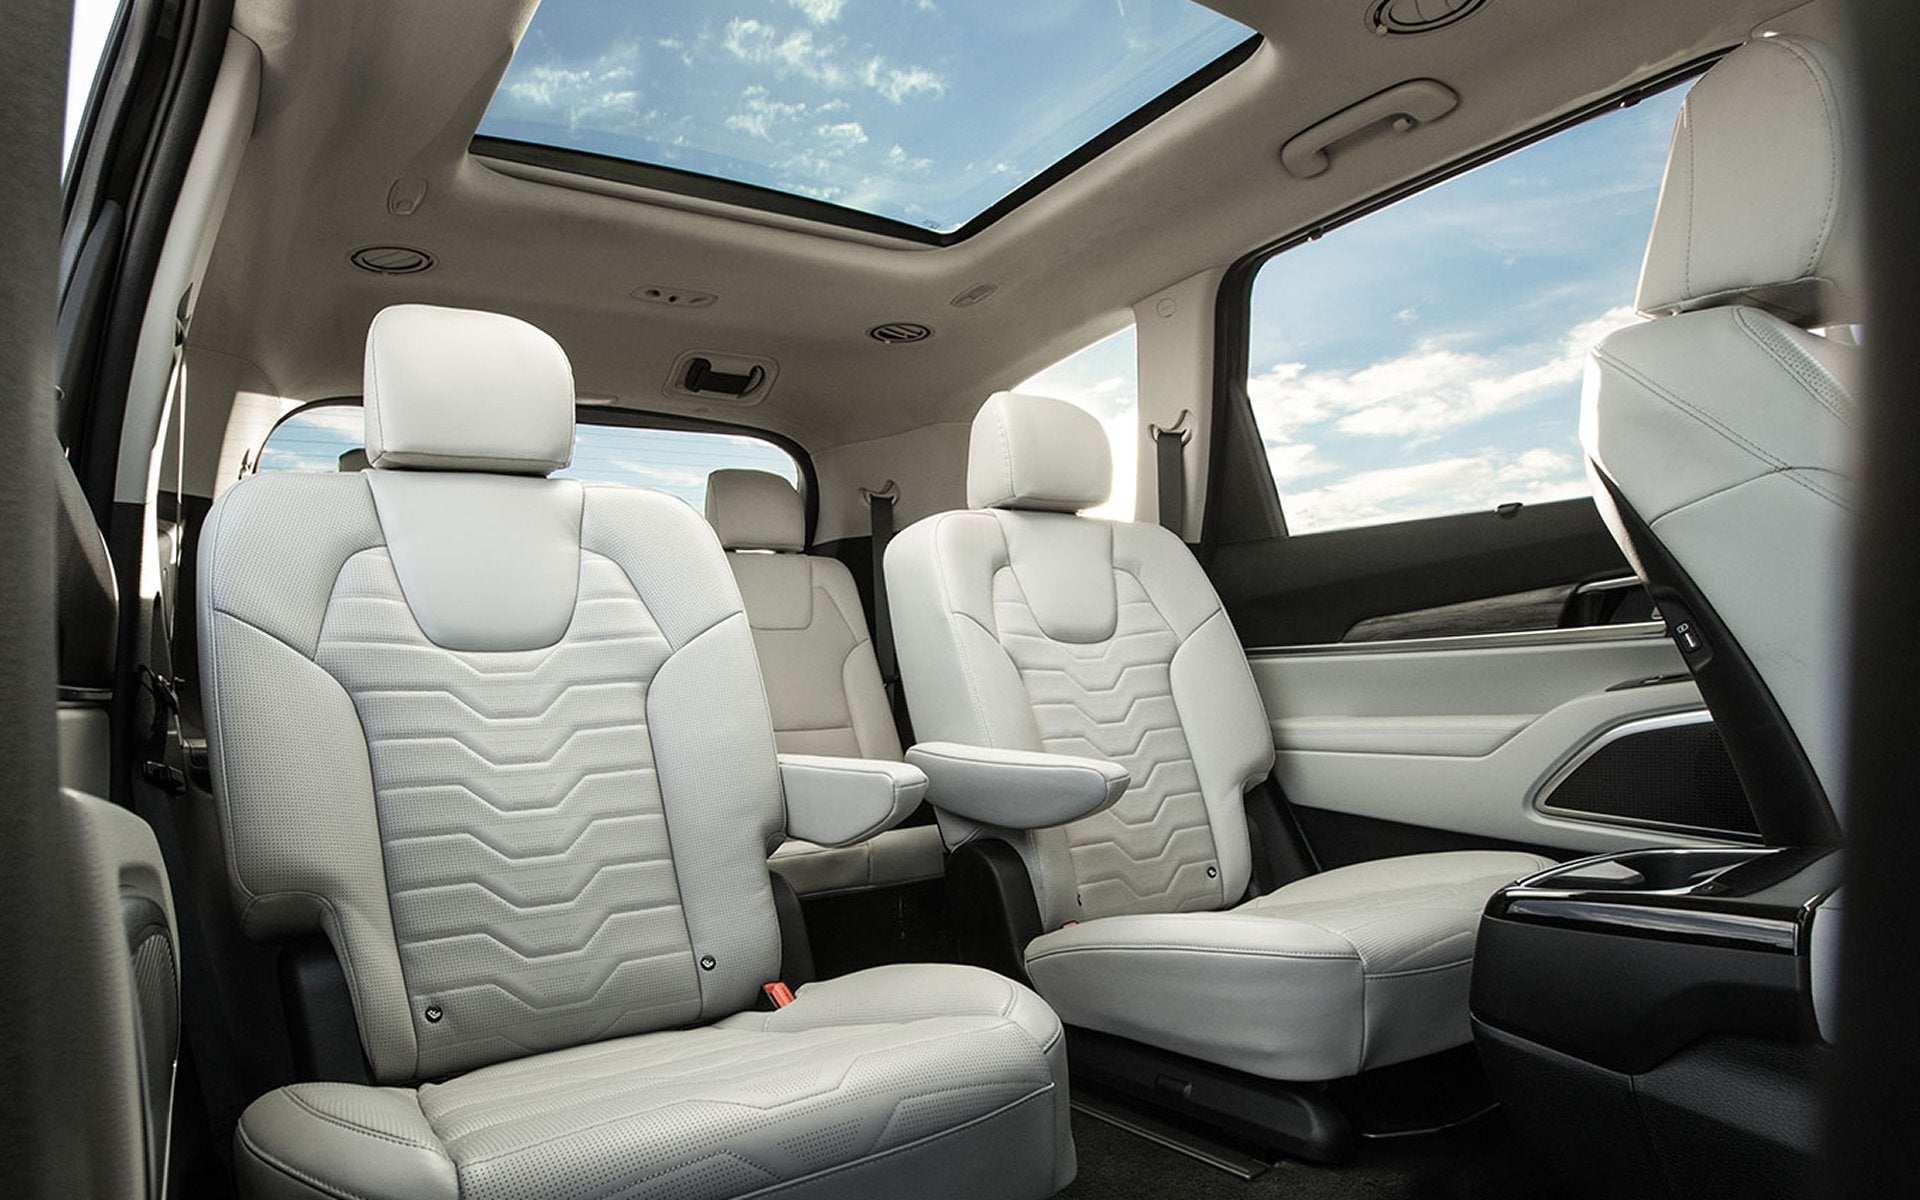 17 Best Review 2020 Kia Telluride Australia Exterior with 2020 Kia Telluride Australia